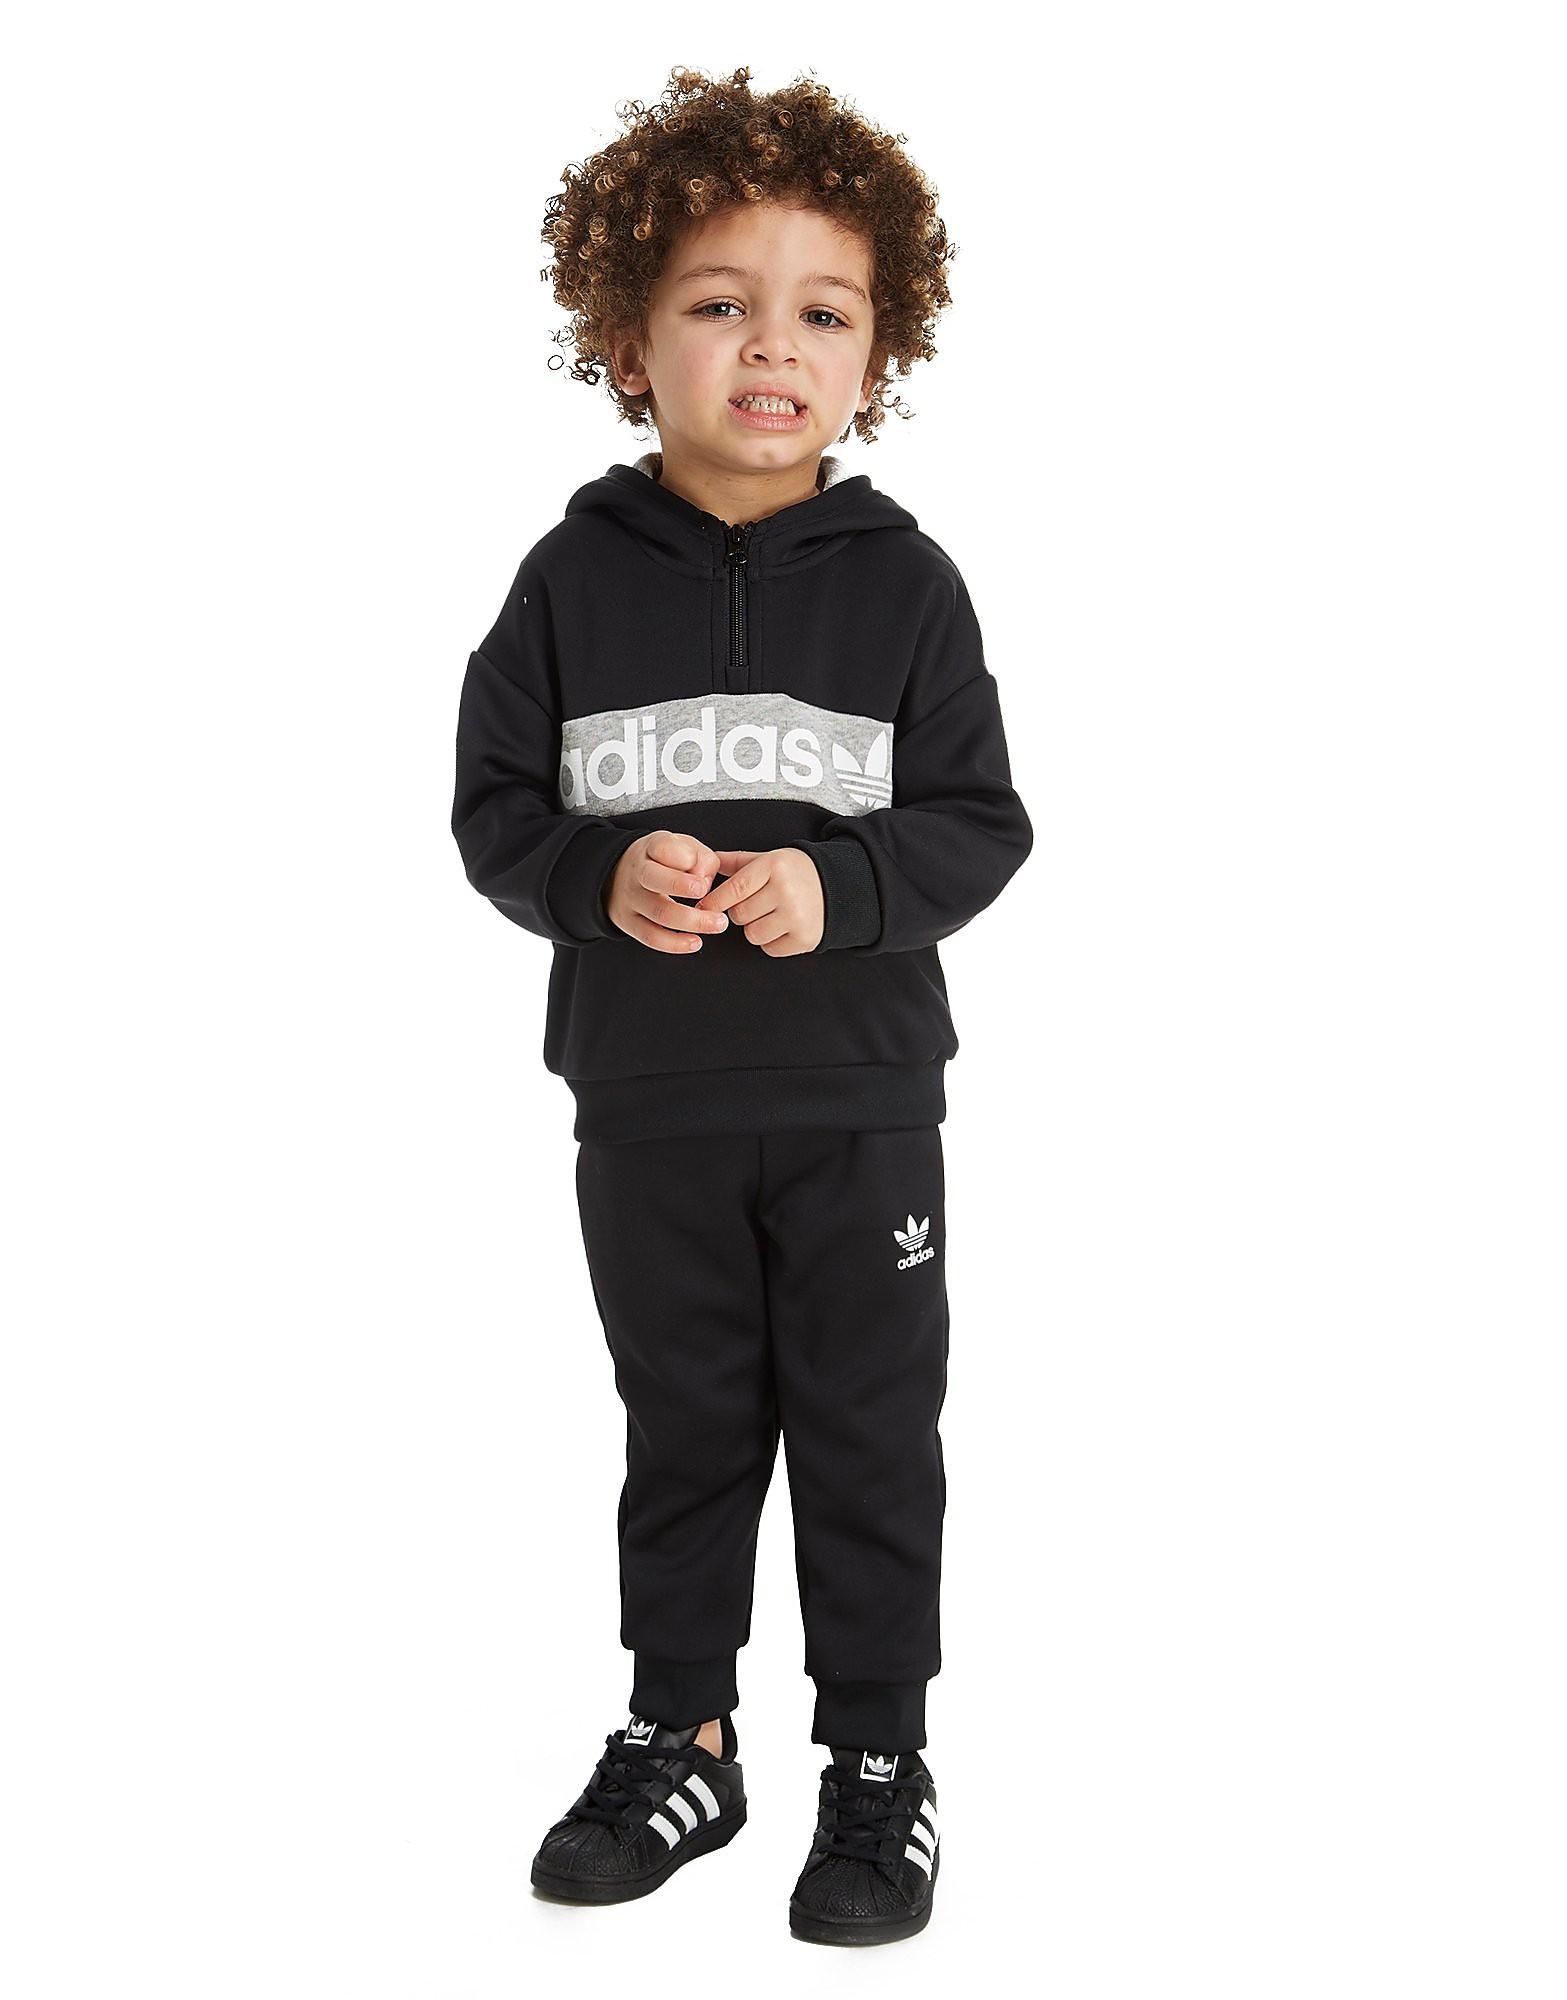 adidas Originals Trefoil 1/2 Zip Träningsställ Baby